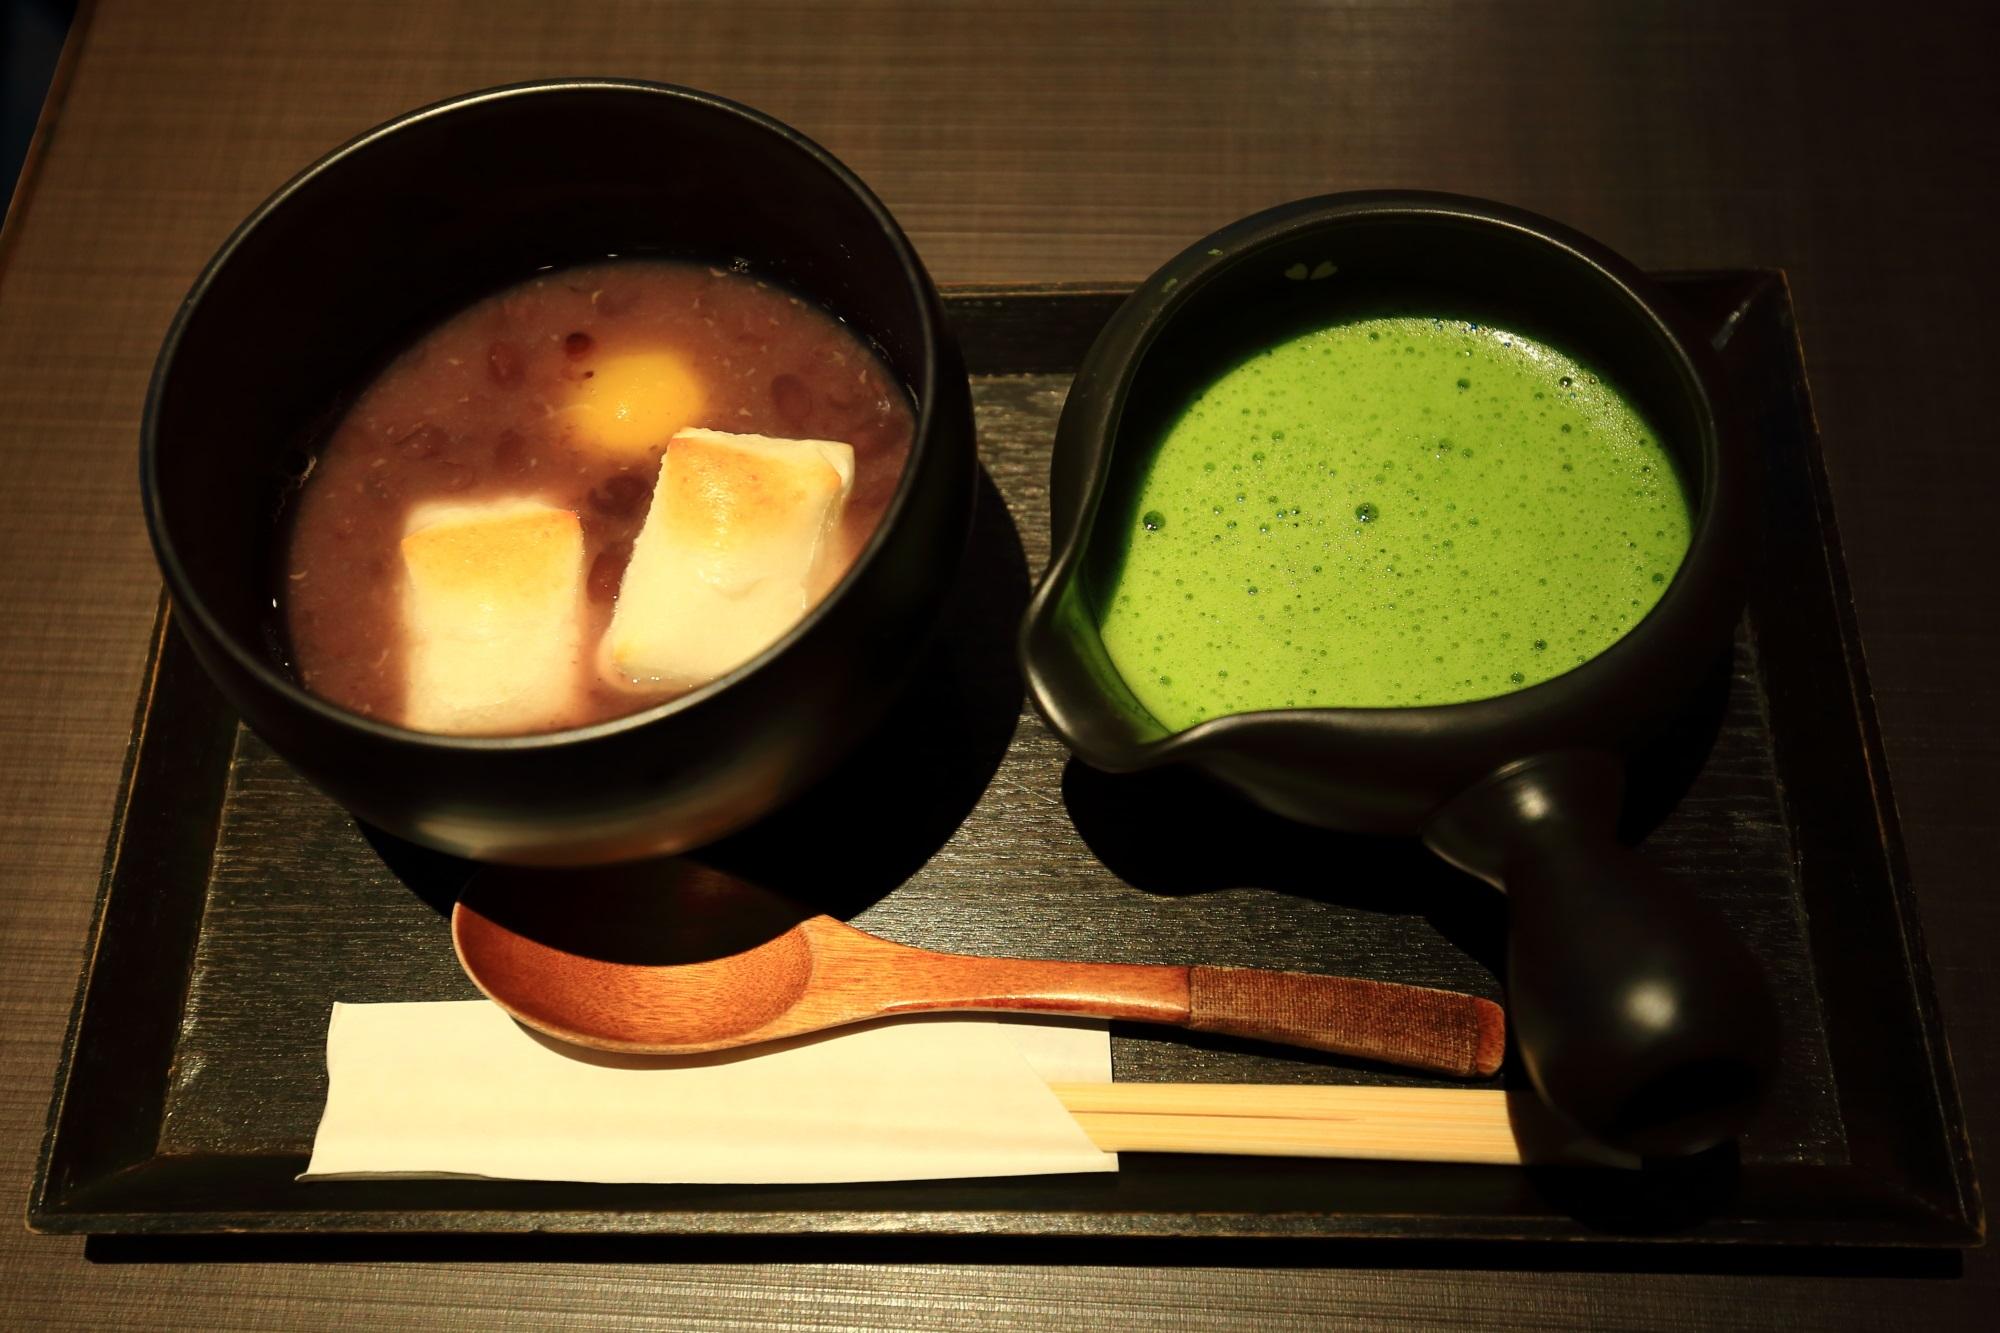 人気の甘味処の茶寮翠泉(さりょうすいせん)の栗抹茶ぜんざい